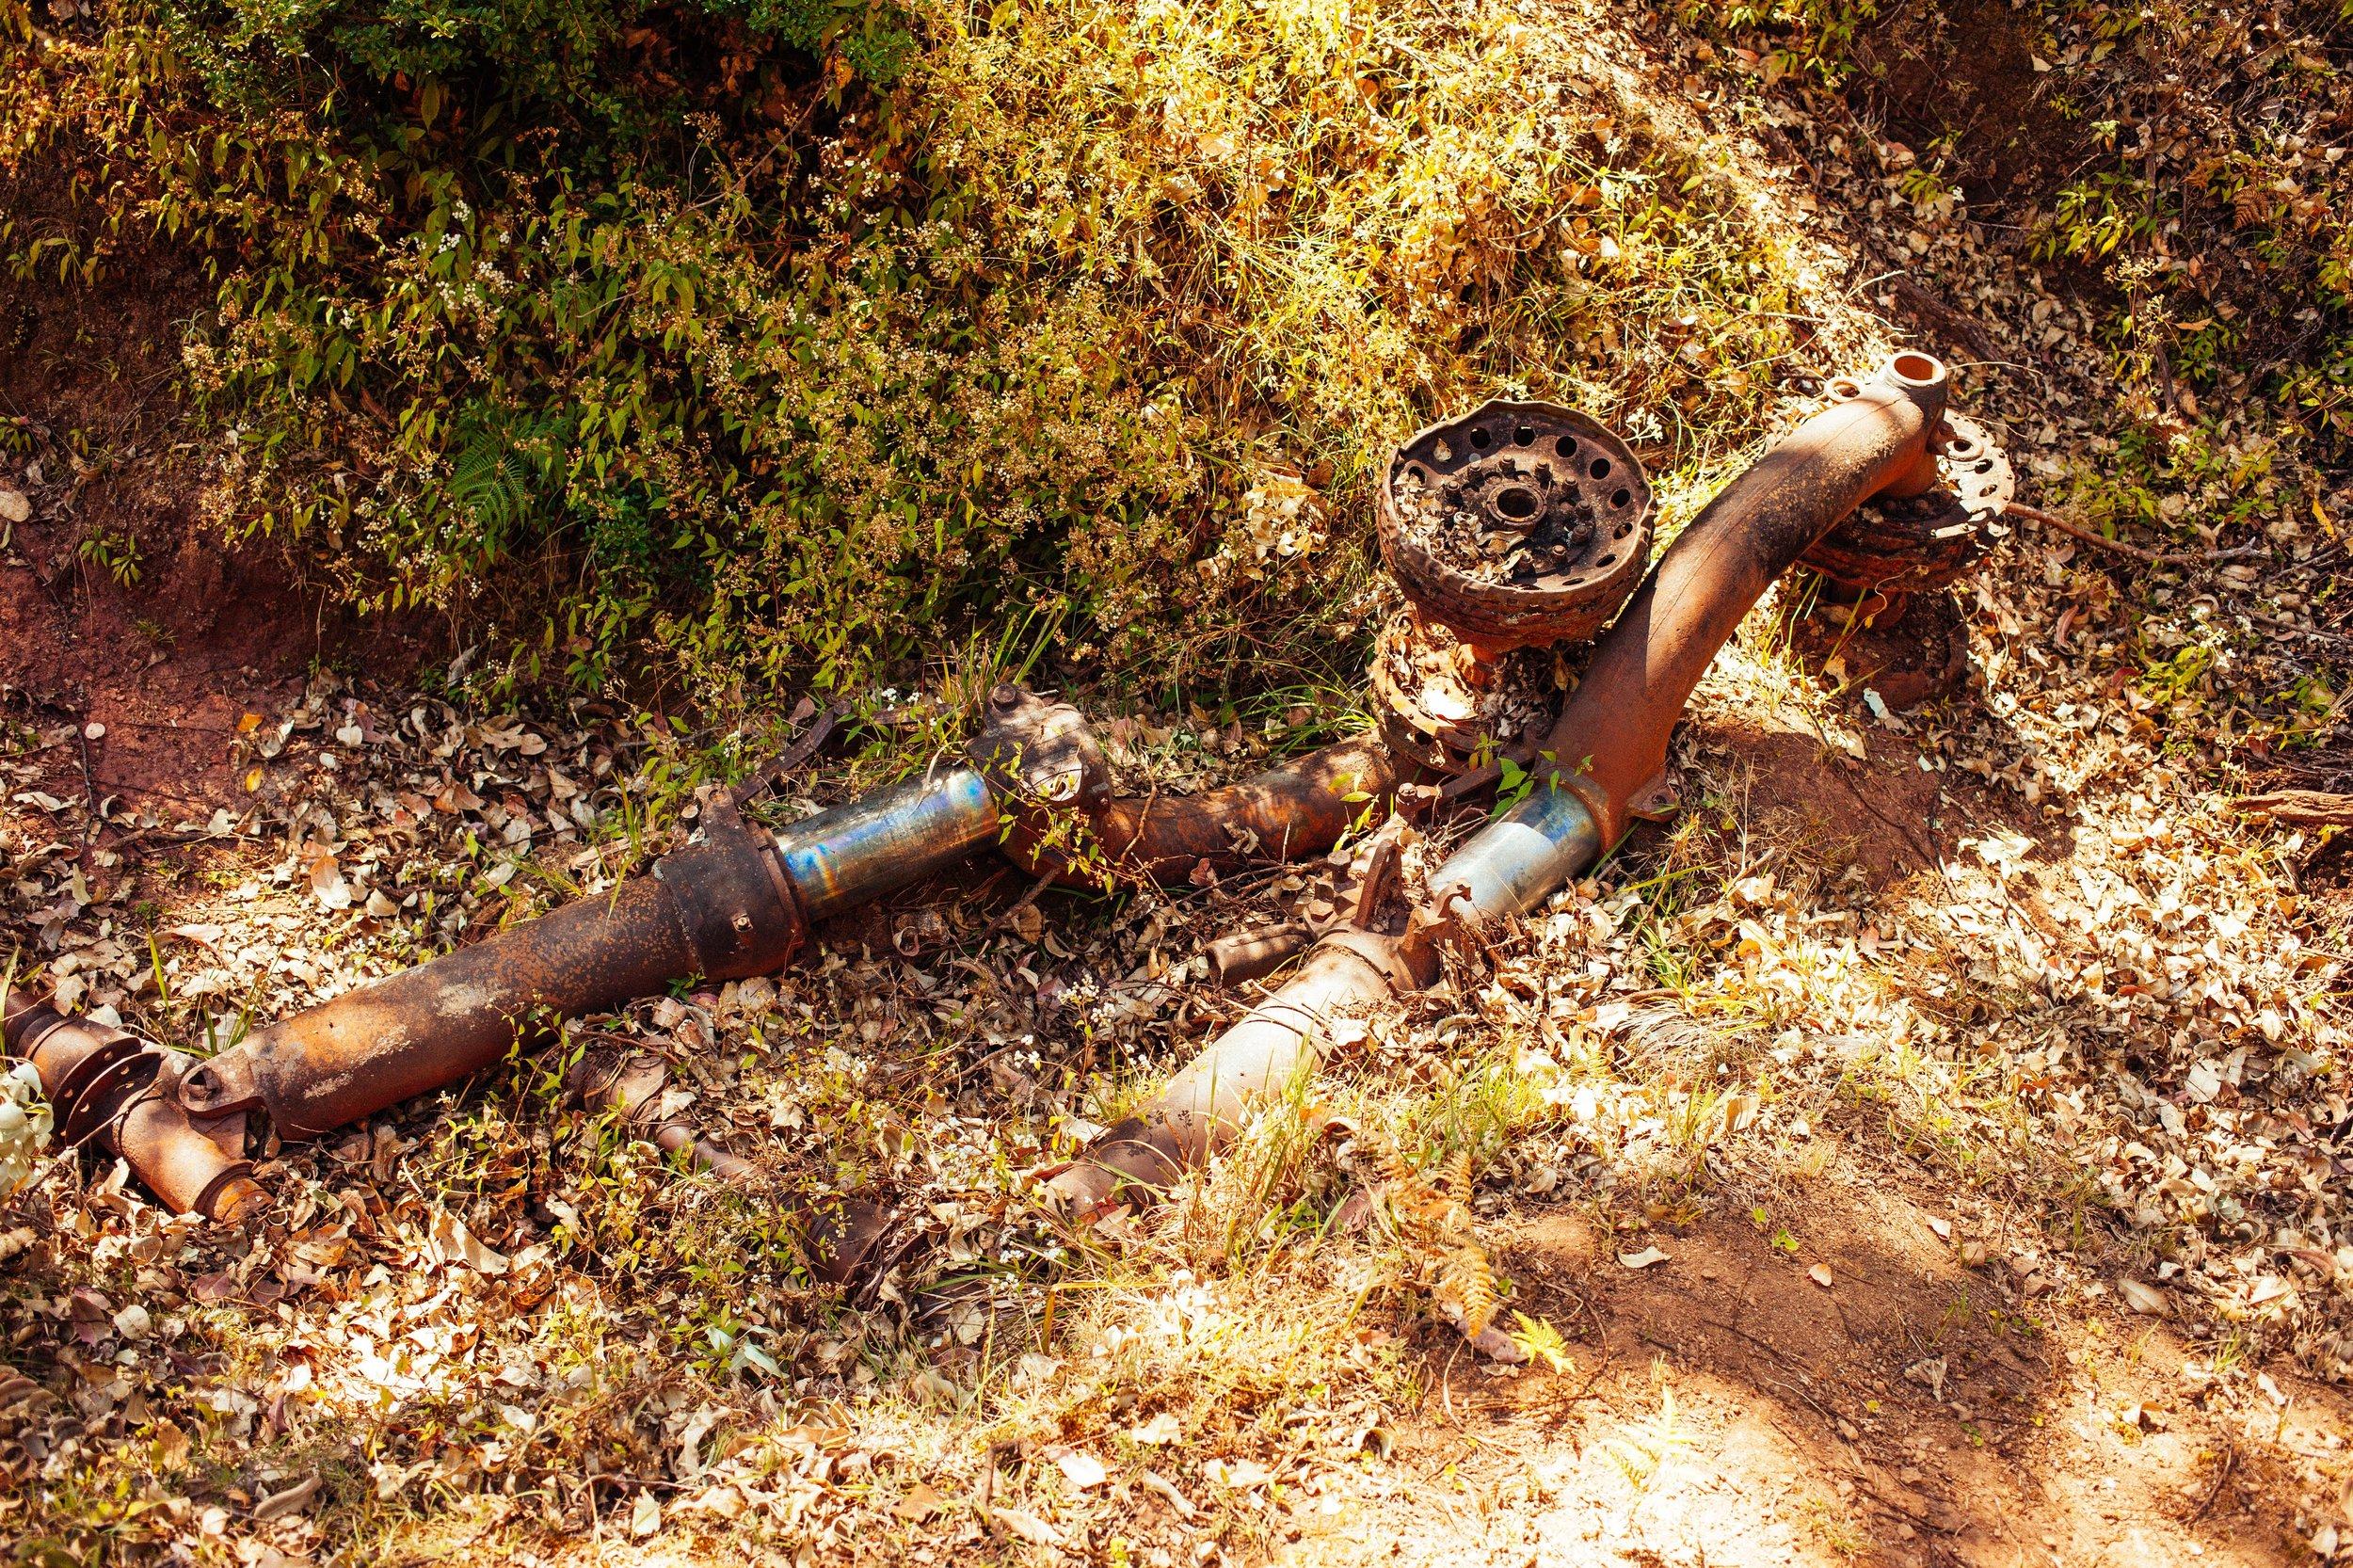 Timor_17-09-11_082.jpg